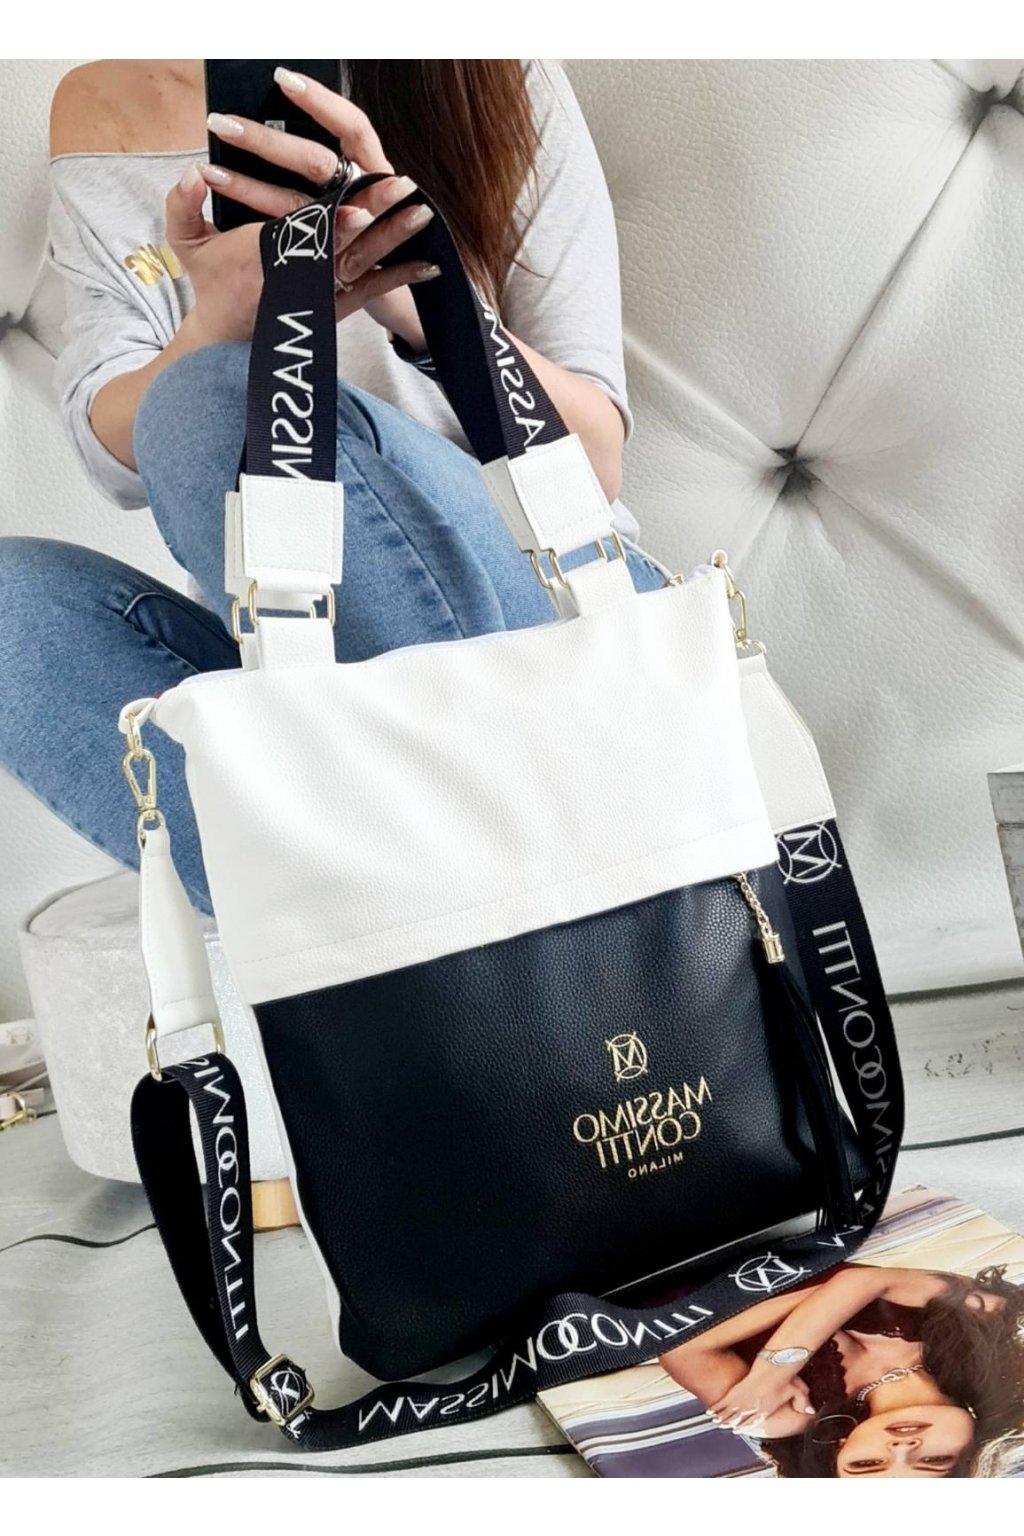 Massimo contti italy fashion luxusní značková kabelka BÍLOČERNÁ jednoduchá nadčasová eazy